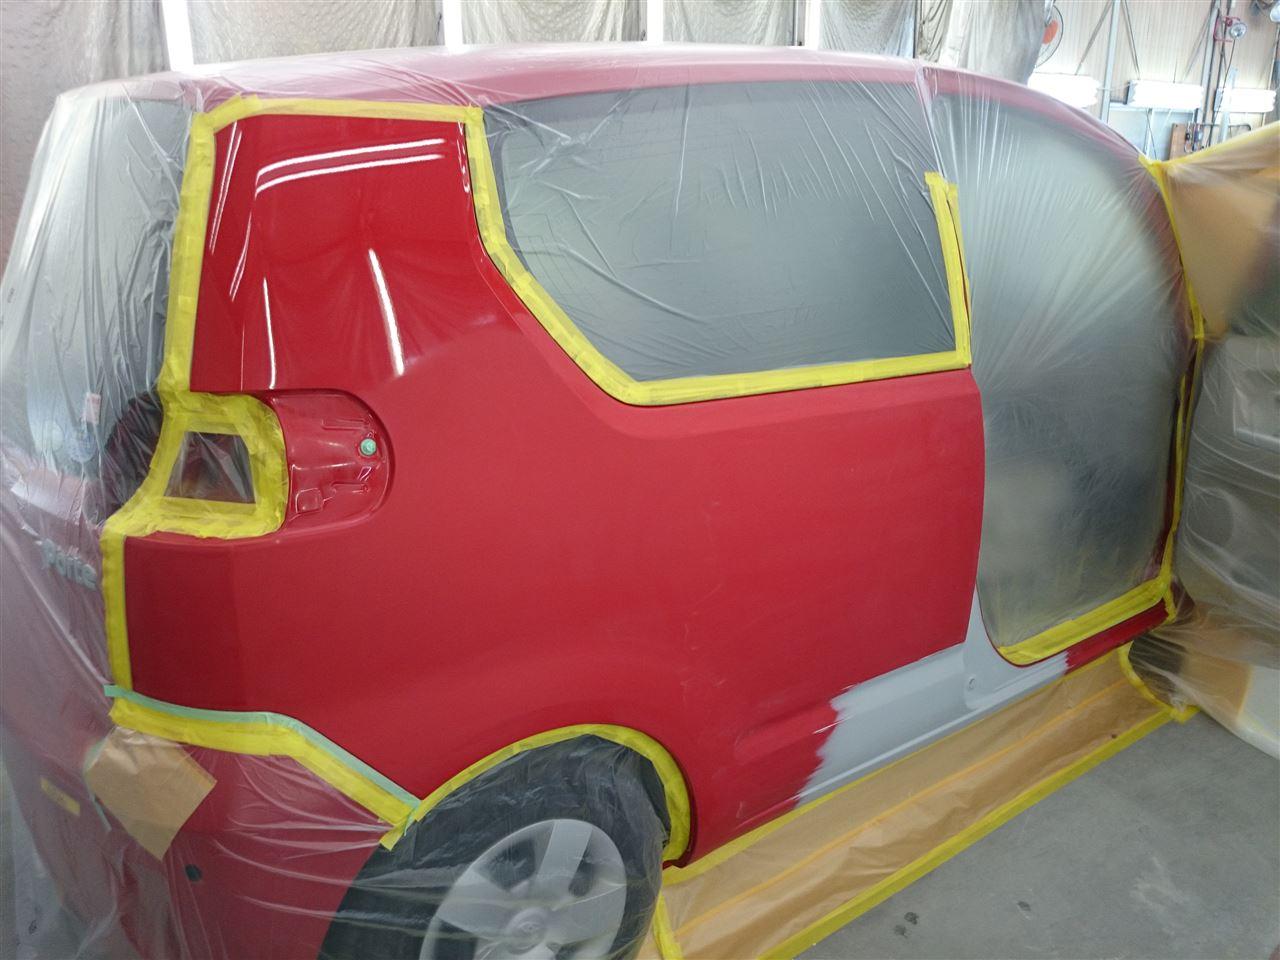 東京都立川市の車の板金塗装修理工場 ガレージローライドのトヨタ ポルテの右側面のキズ へこみ の板金 修理 塗装 です。